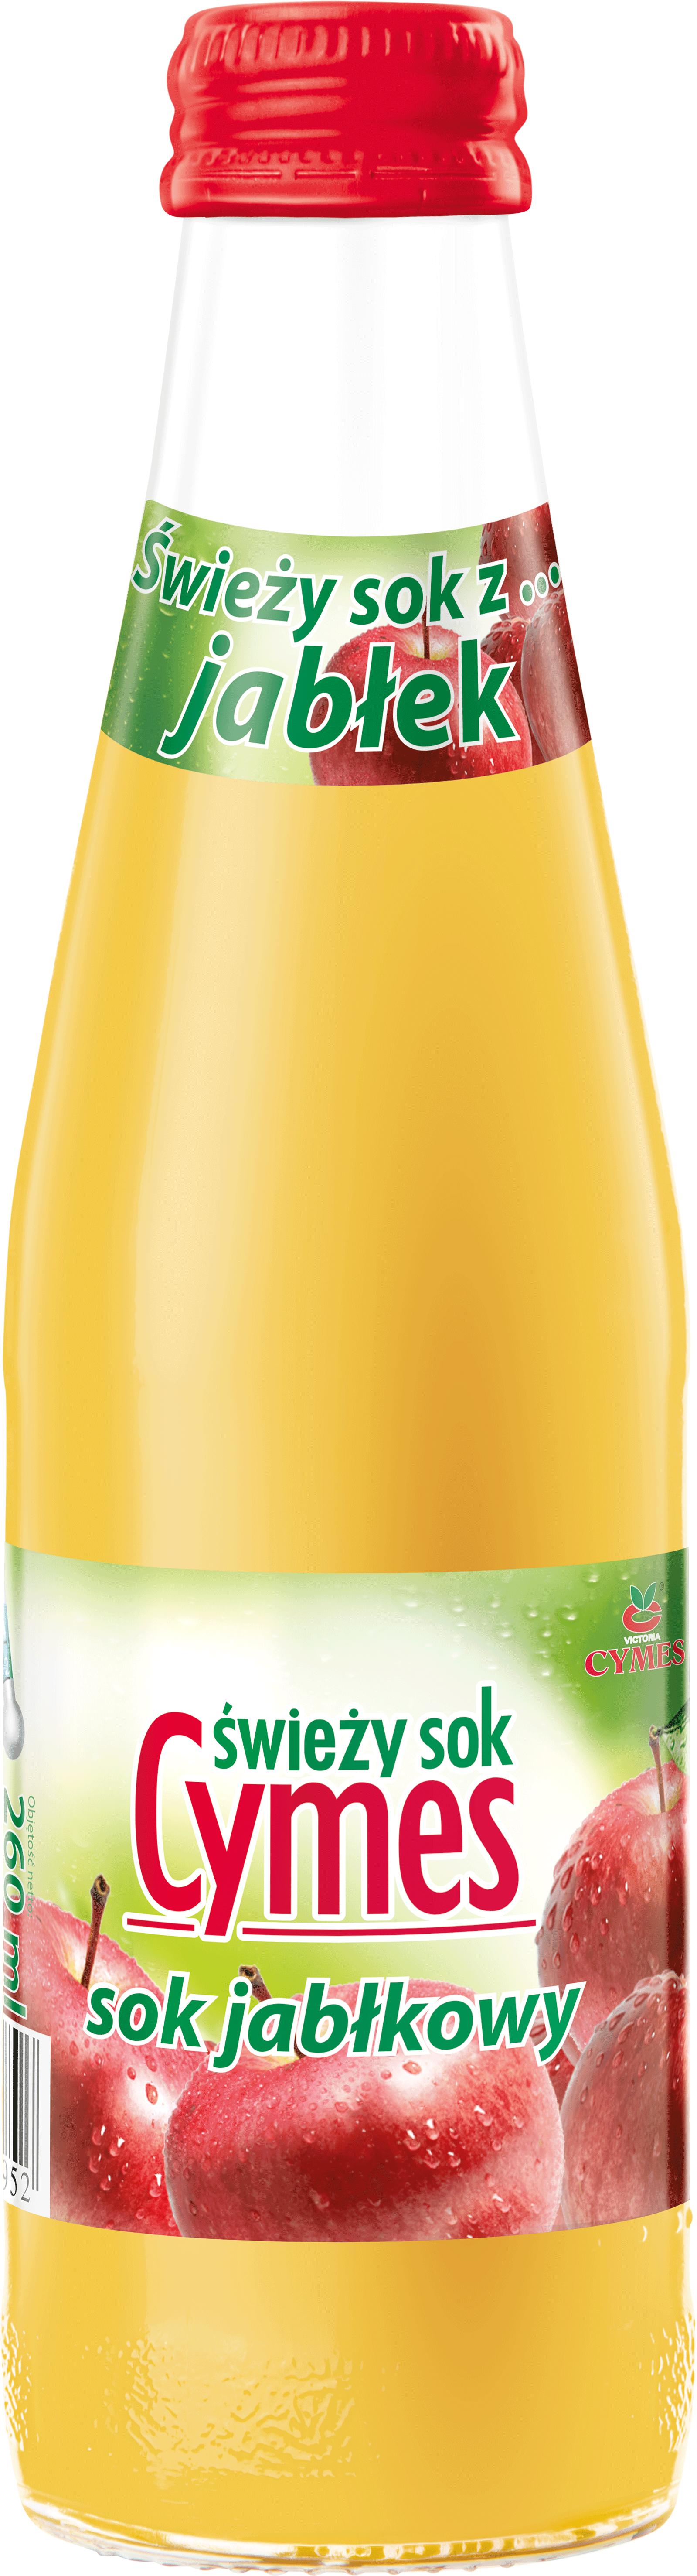 Victoria Cymes sok jabłkowy